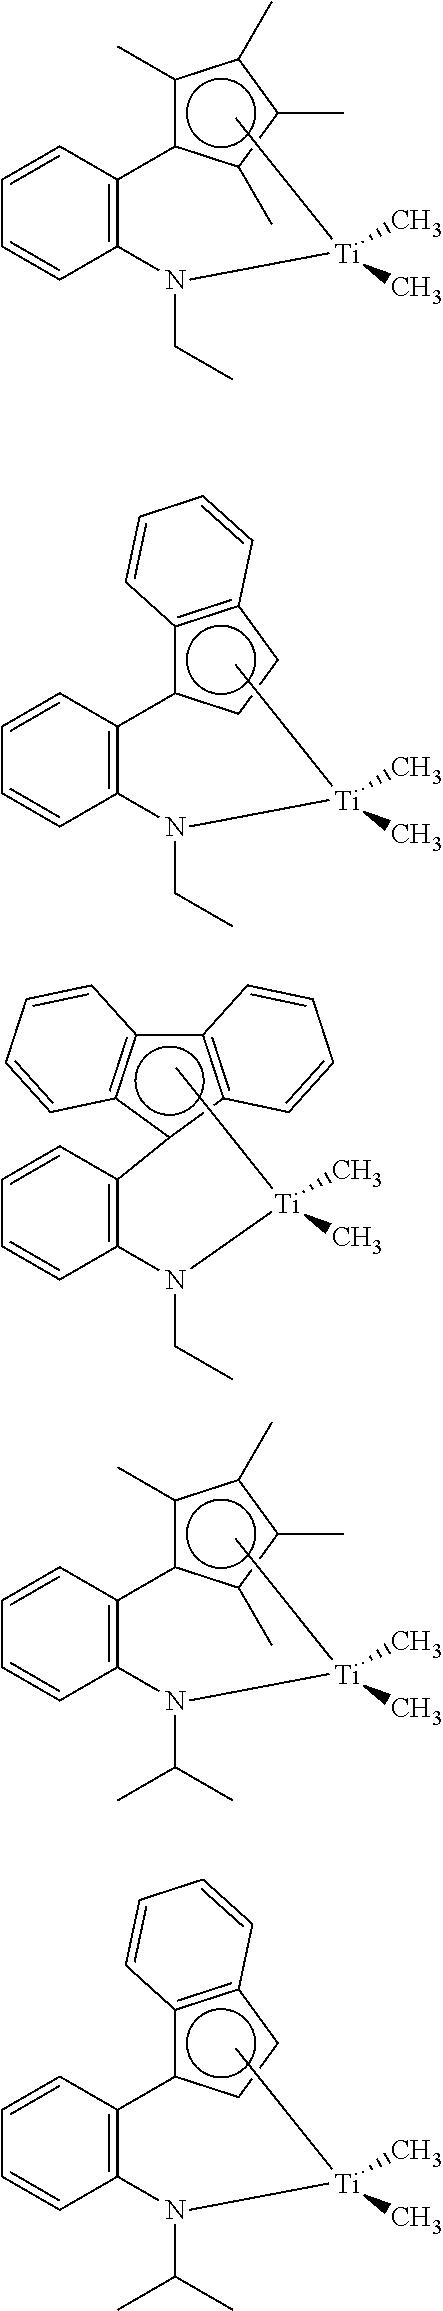 Figure US09120836-20150901-C00033